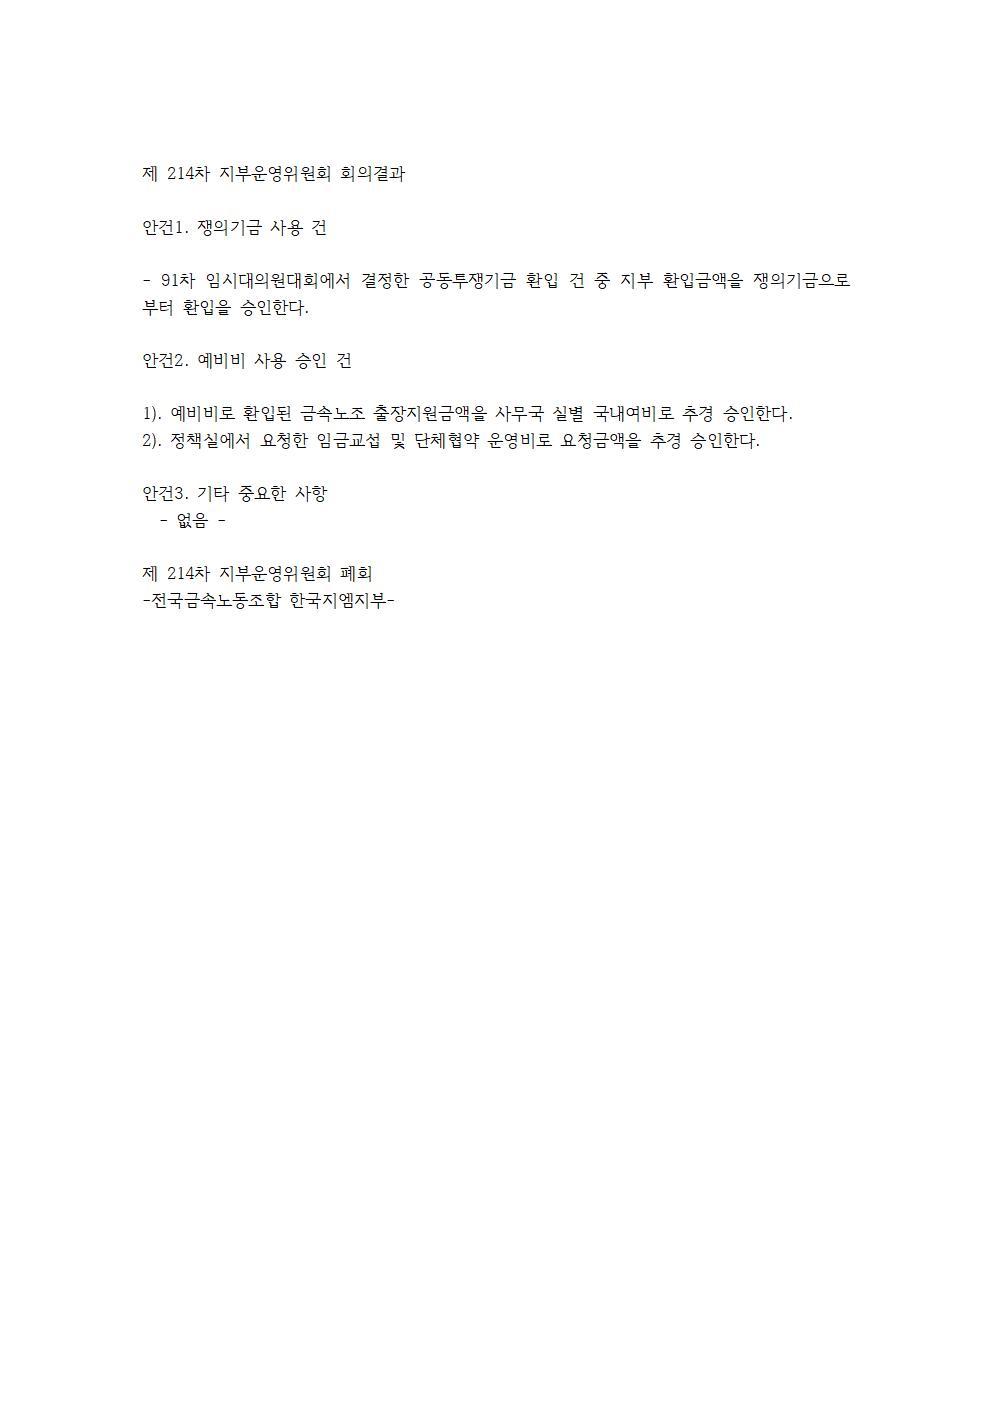 제 214차 지부운영위원회 회의결과001.jpg